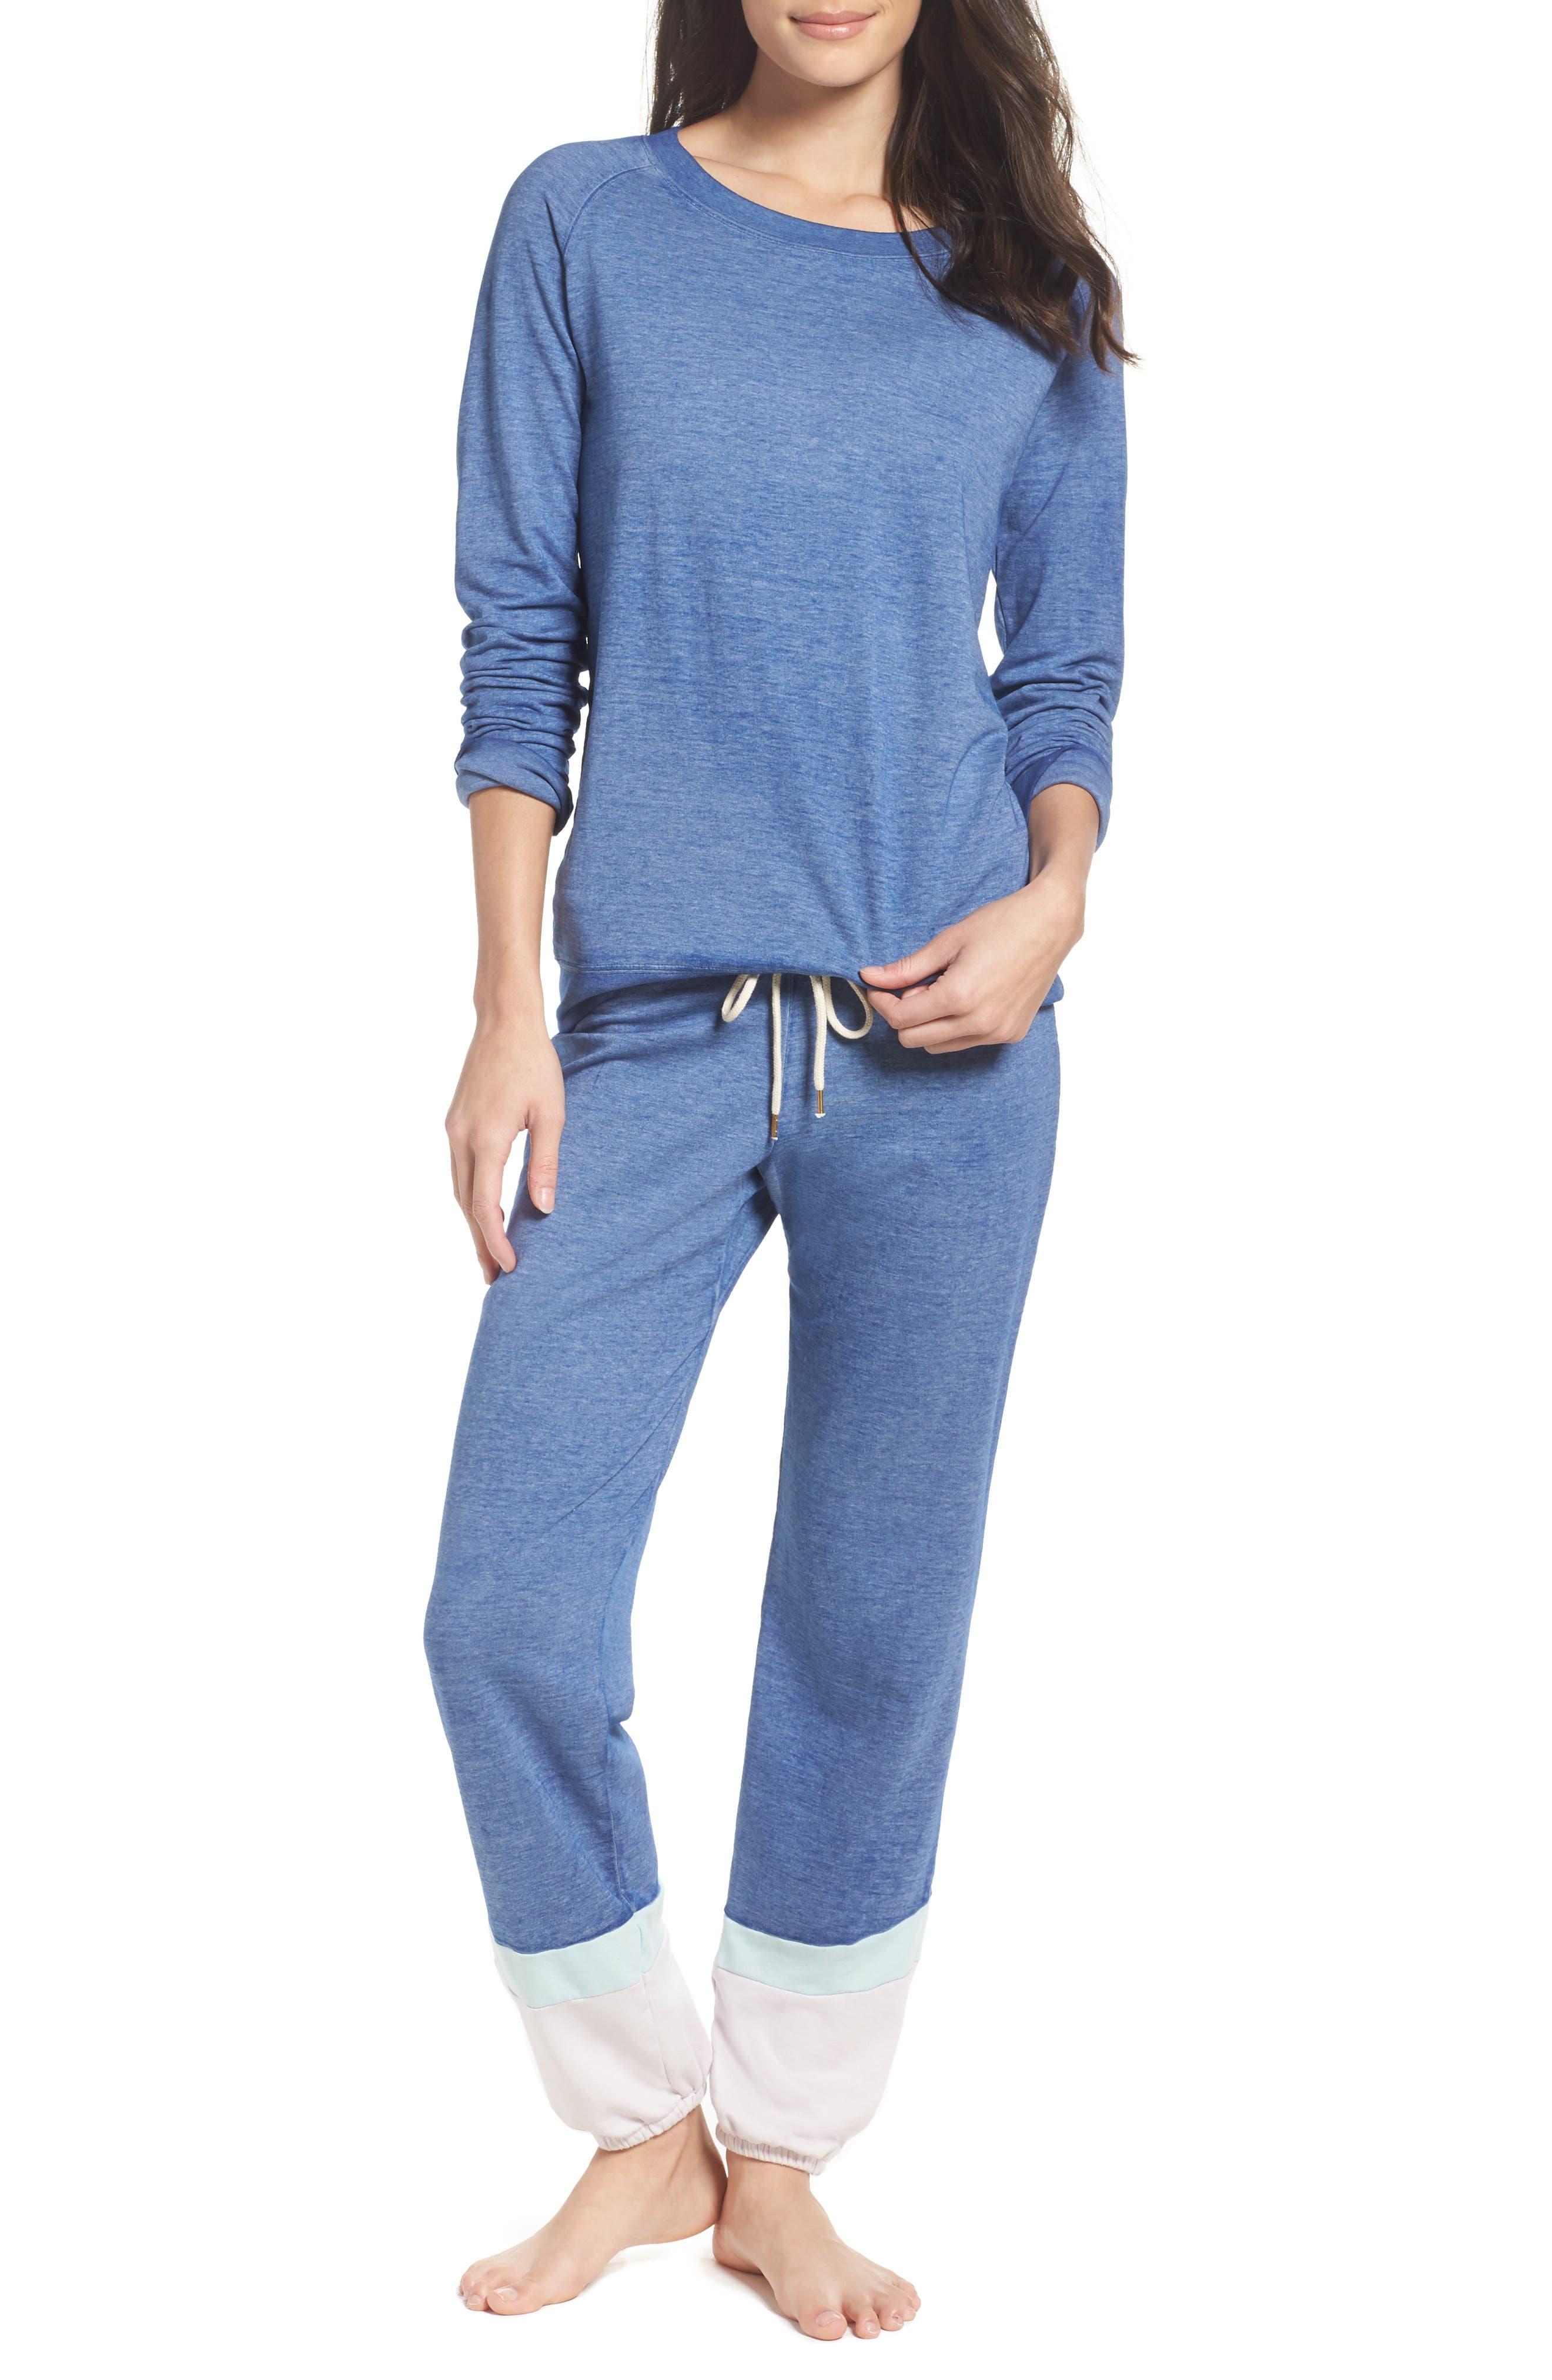 Honeydew Intimates Sweatshirt & Lounge Pants